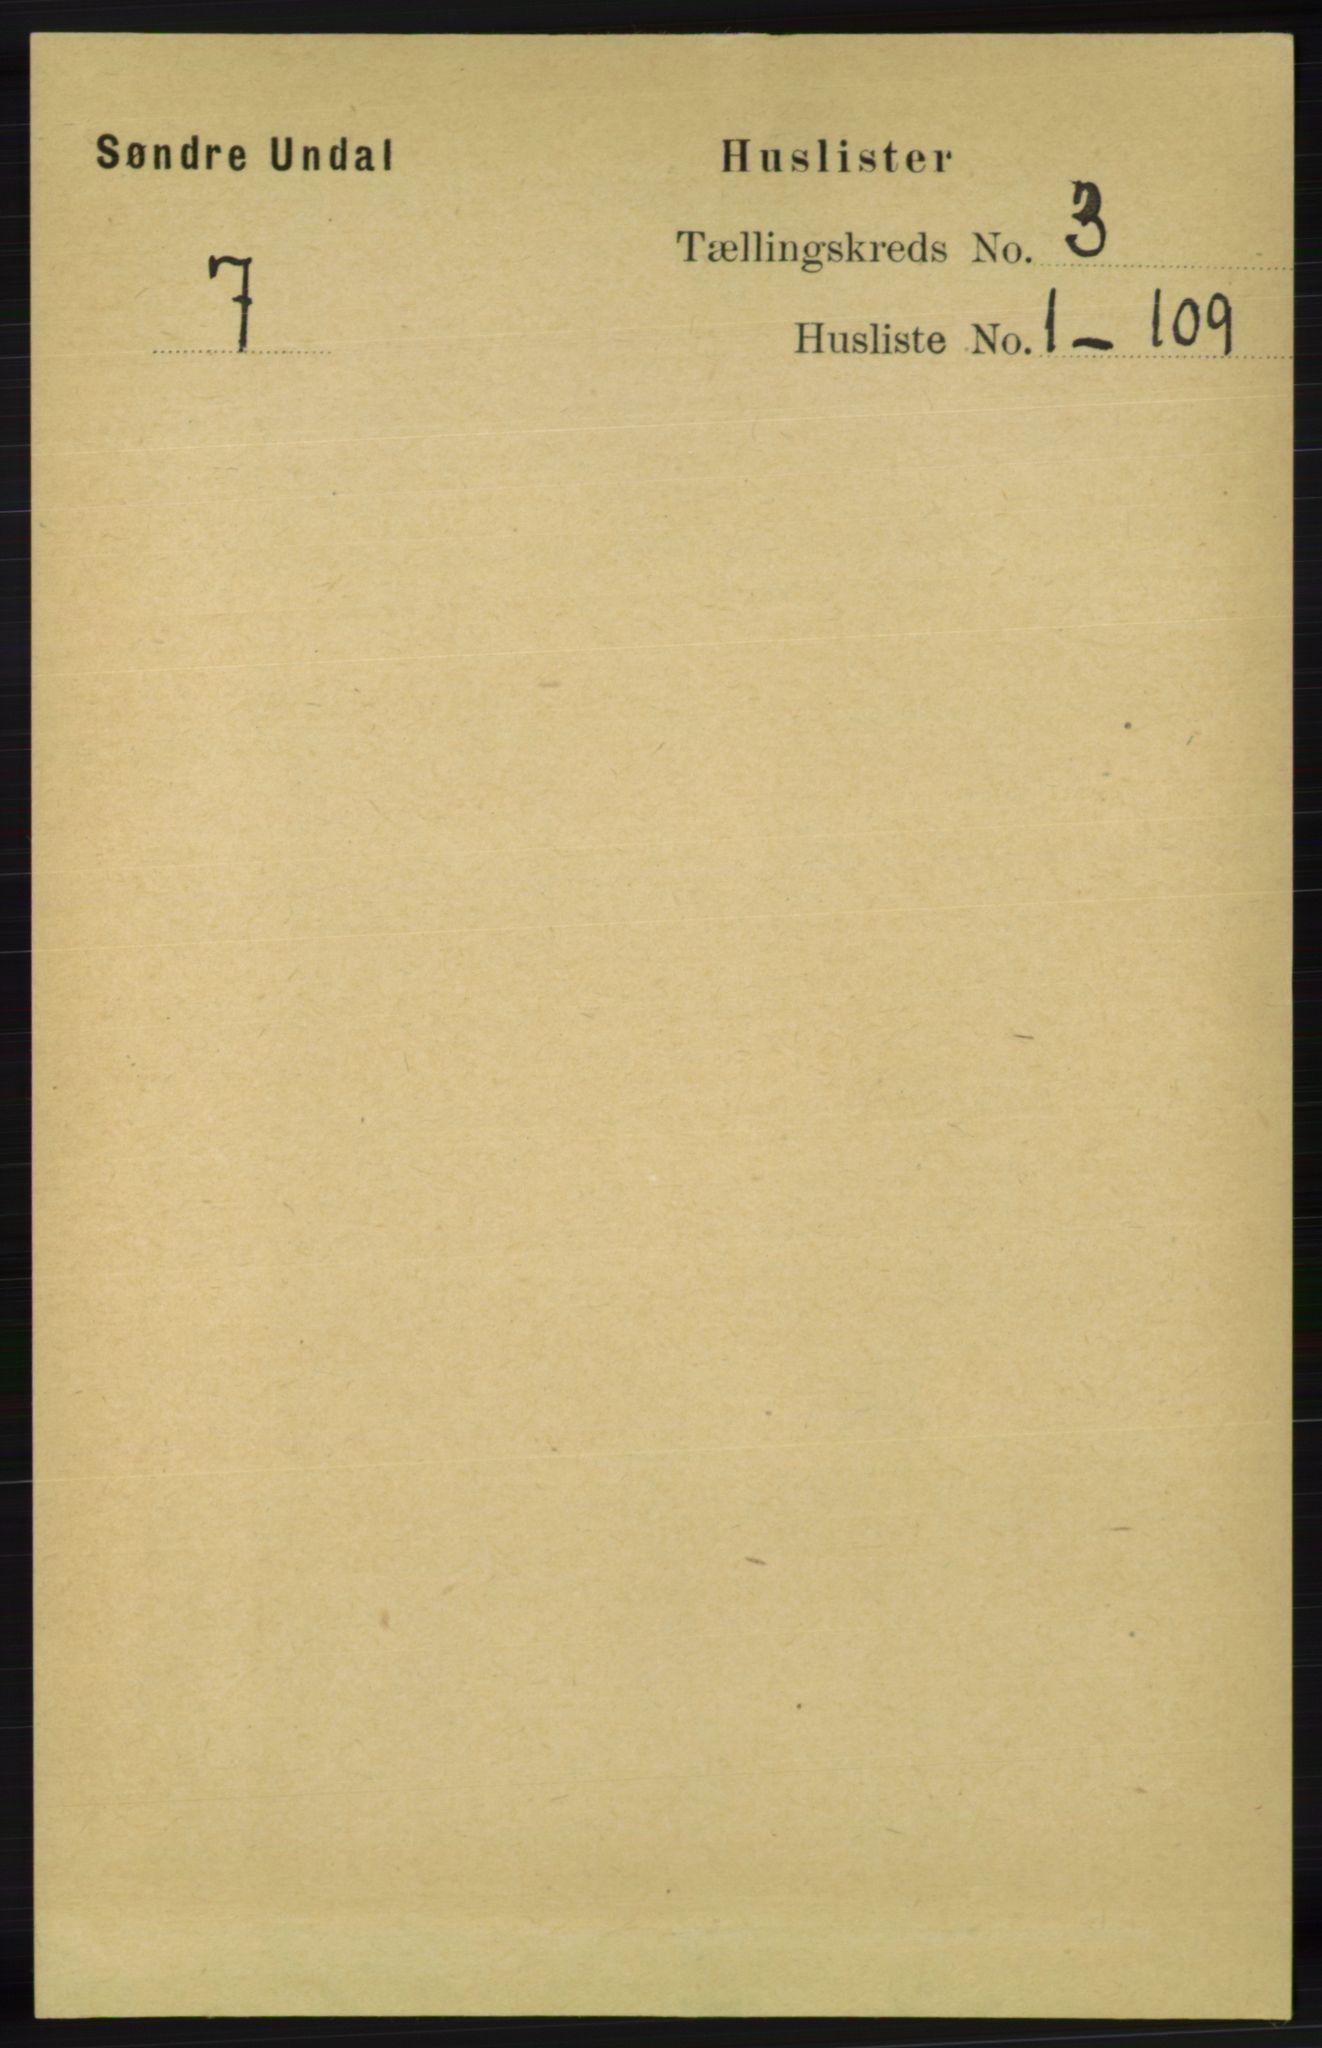 RA, Folketelling 1891 for 1029 Sør-Audnedal herred, 1891, s. 693